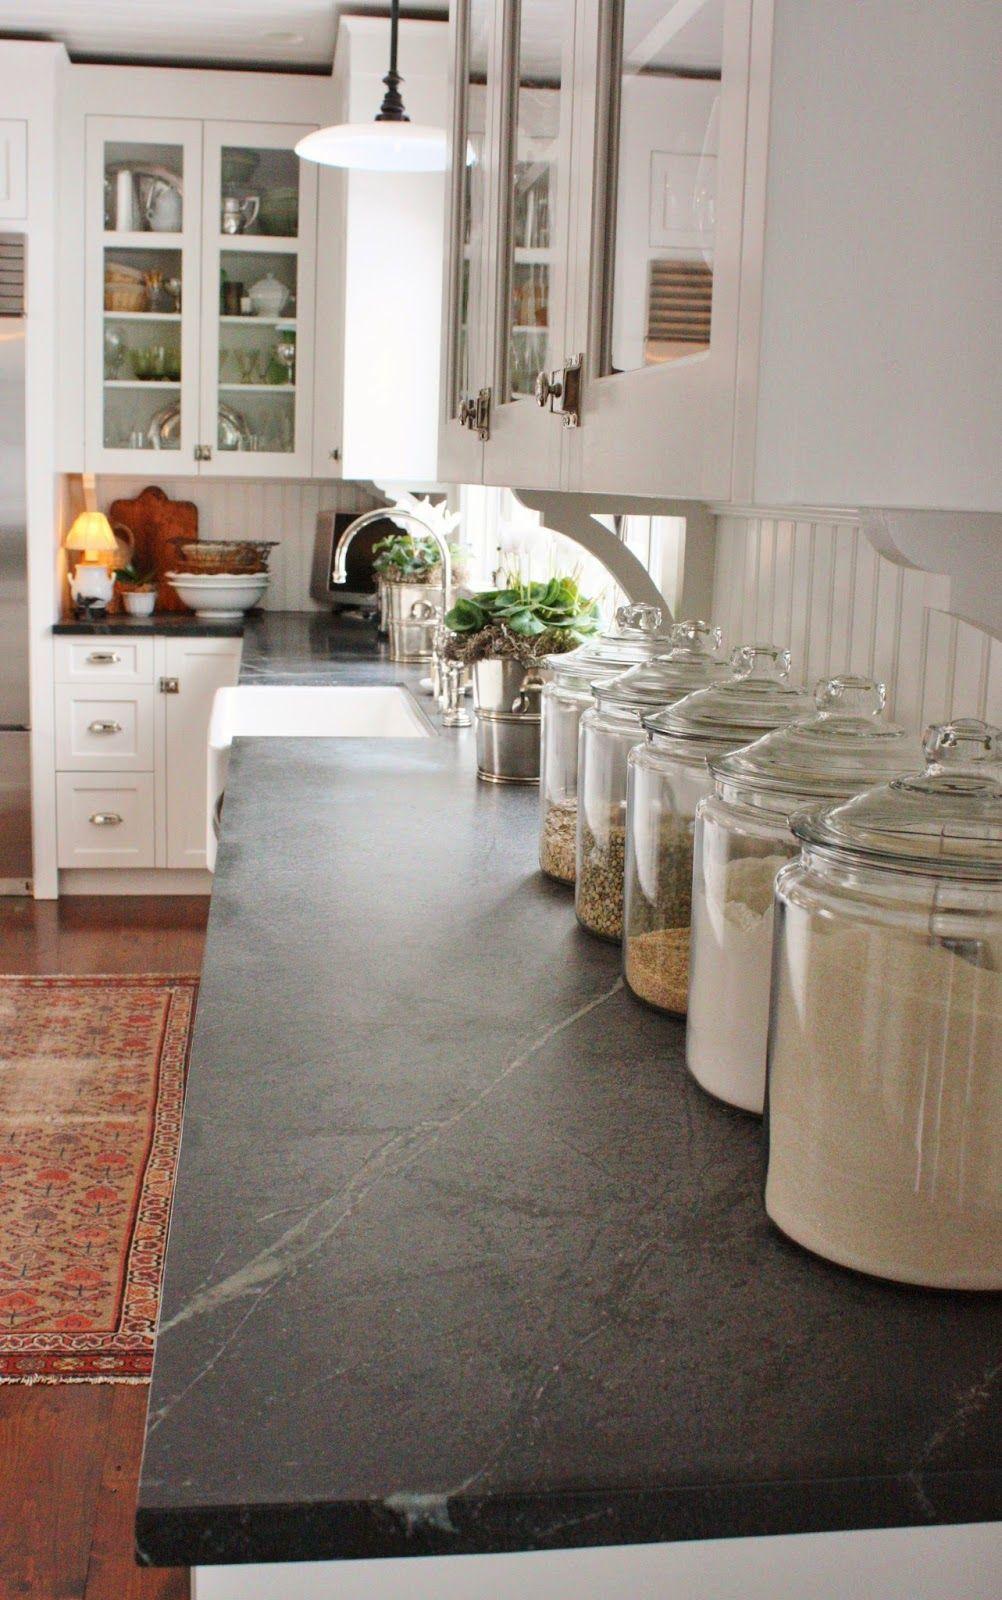 Soapstone Innenarchitektur Kuche Kuchen Design Kuchen Design Ideen